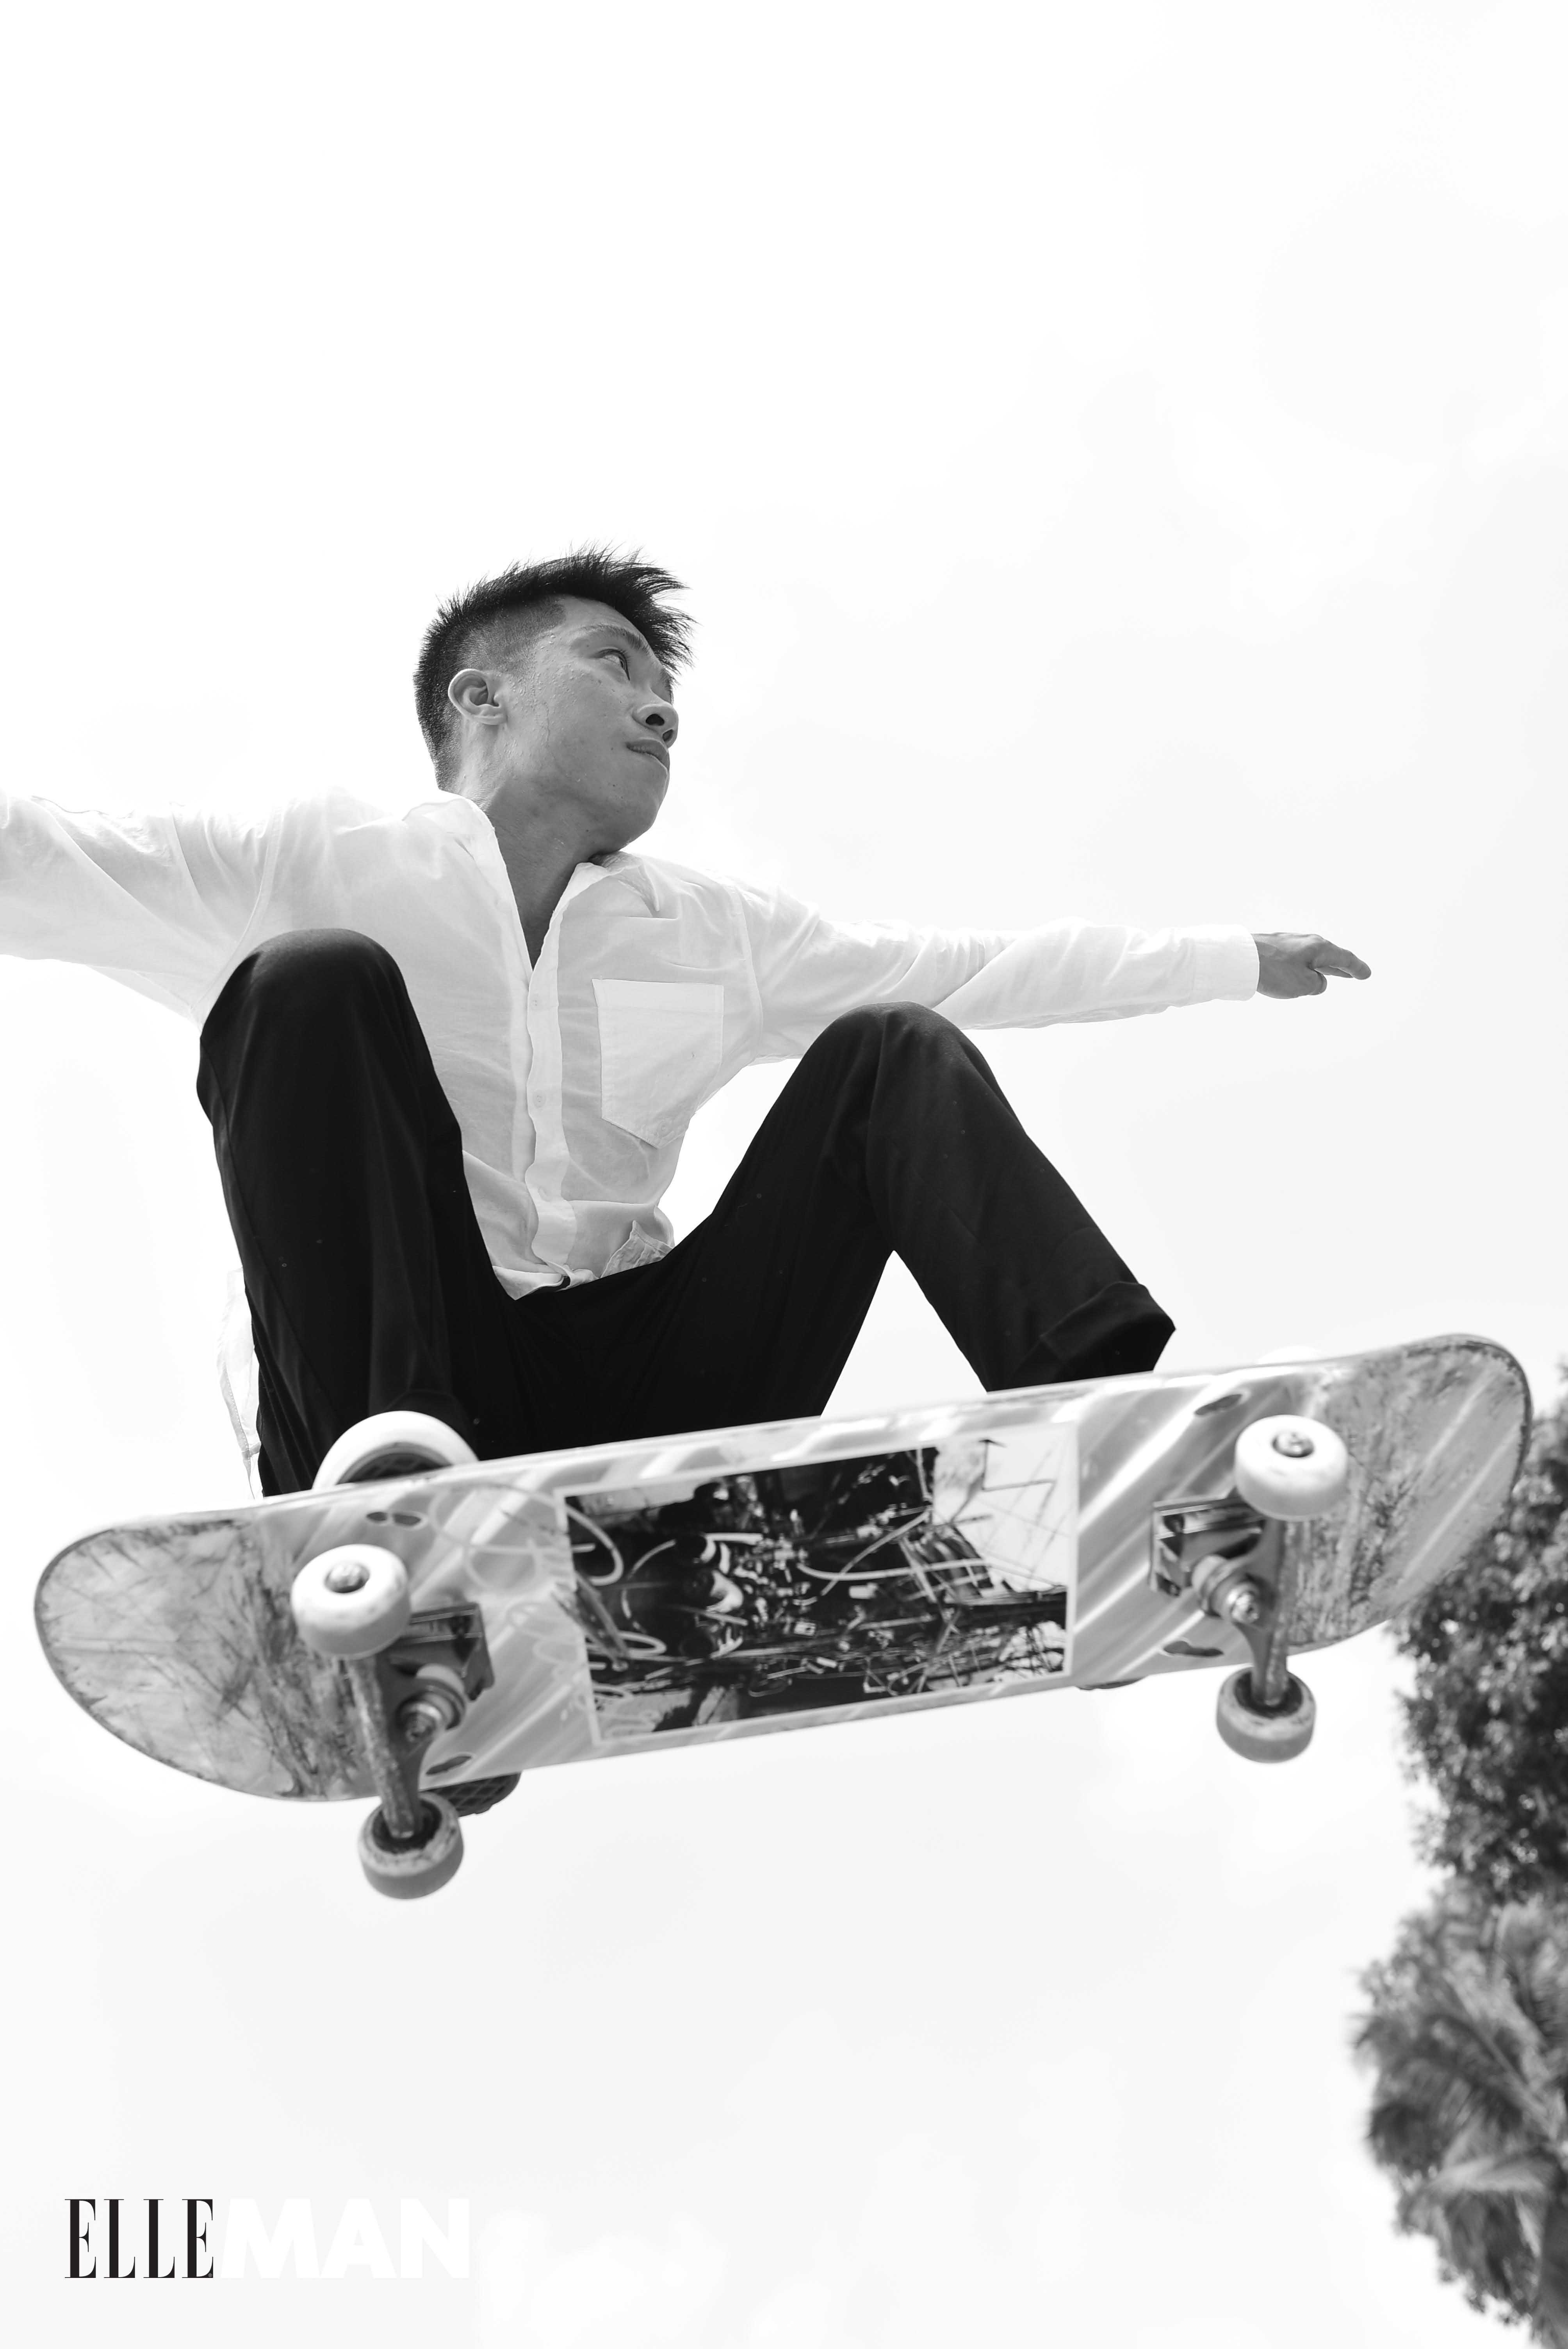 do ngoc linh skater - elle man4